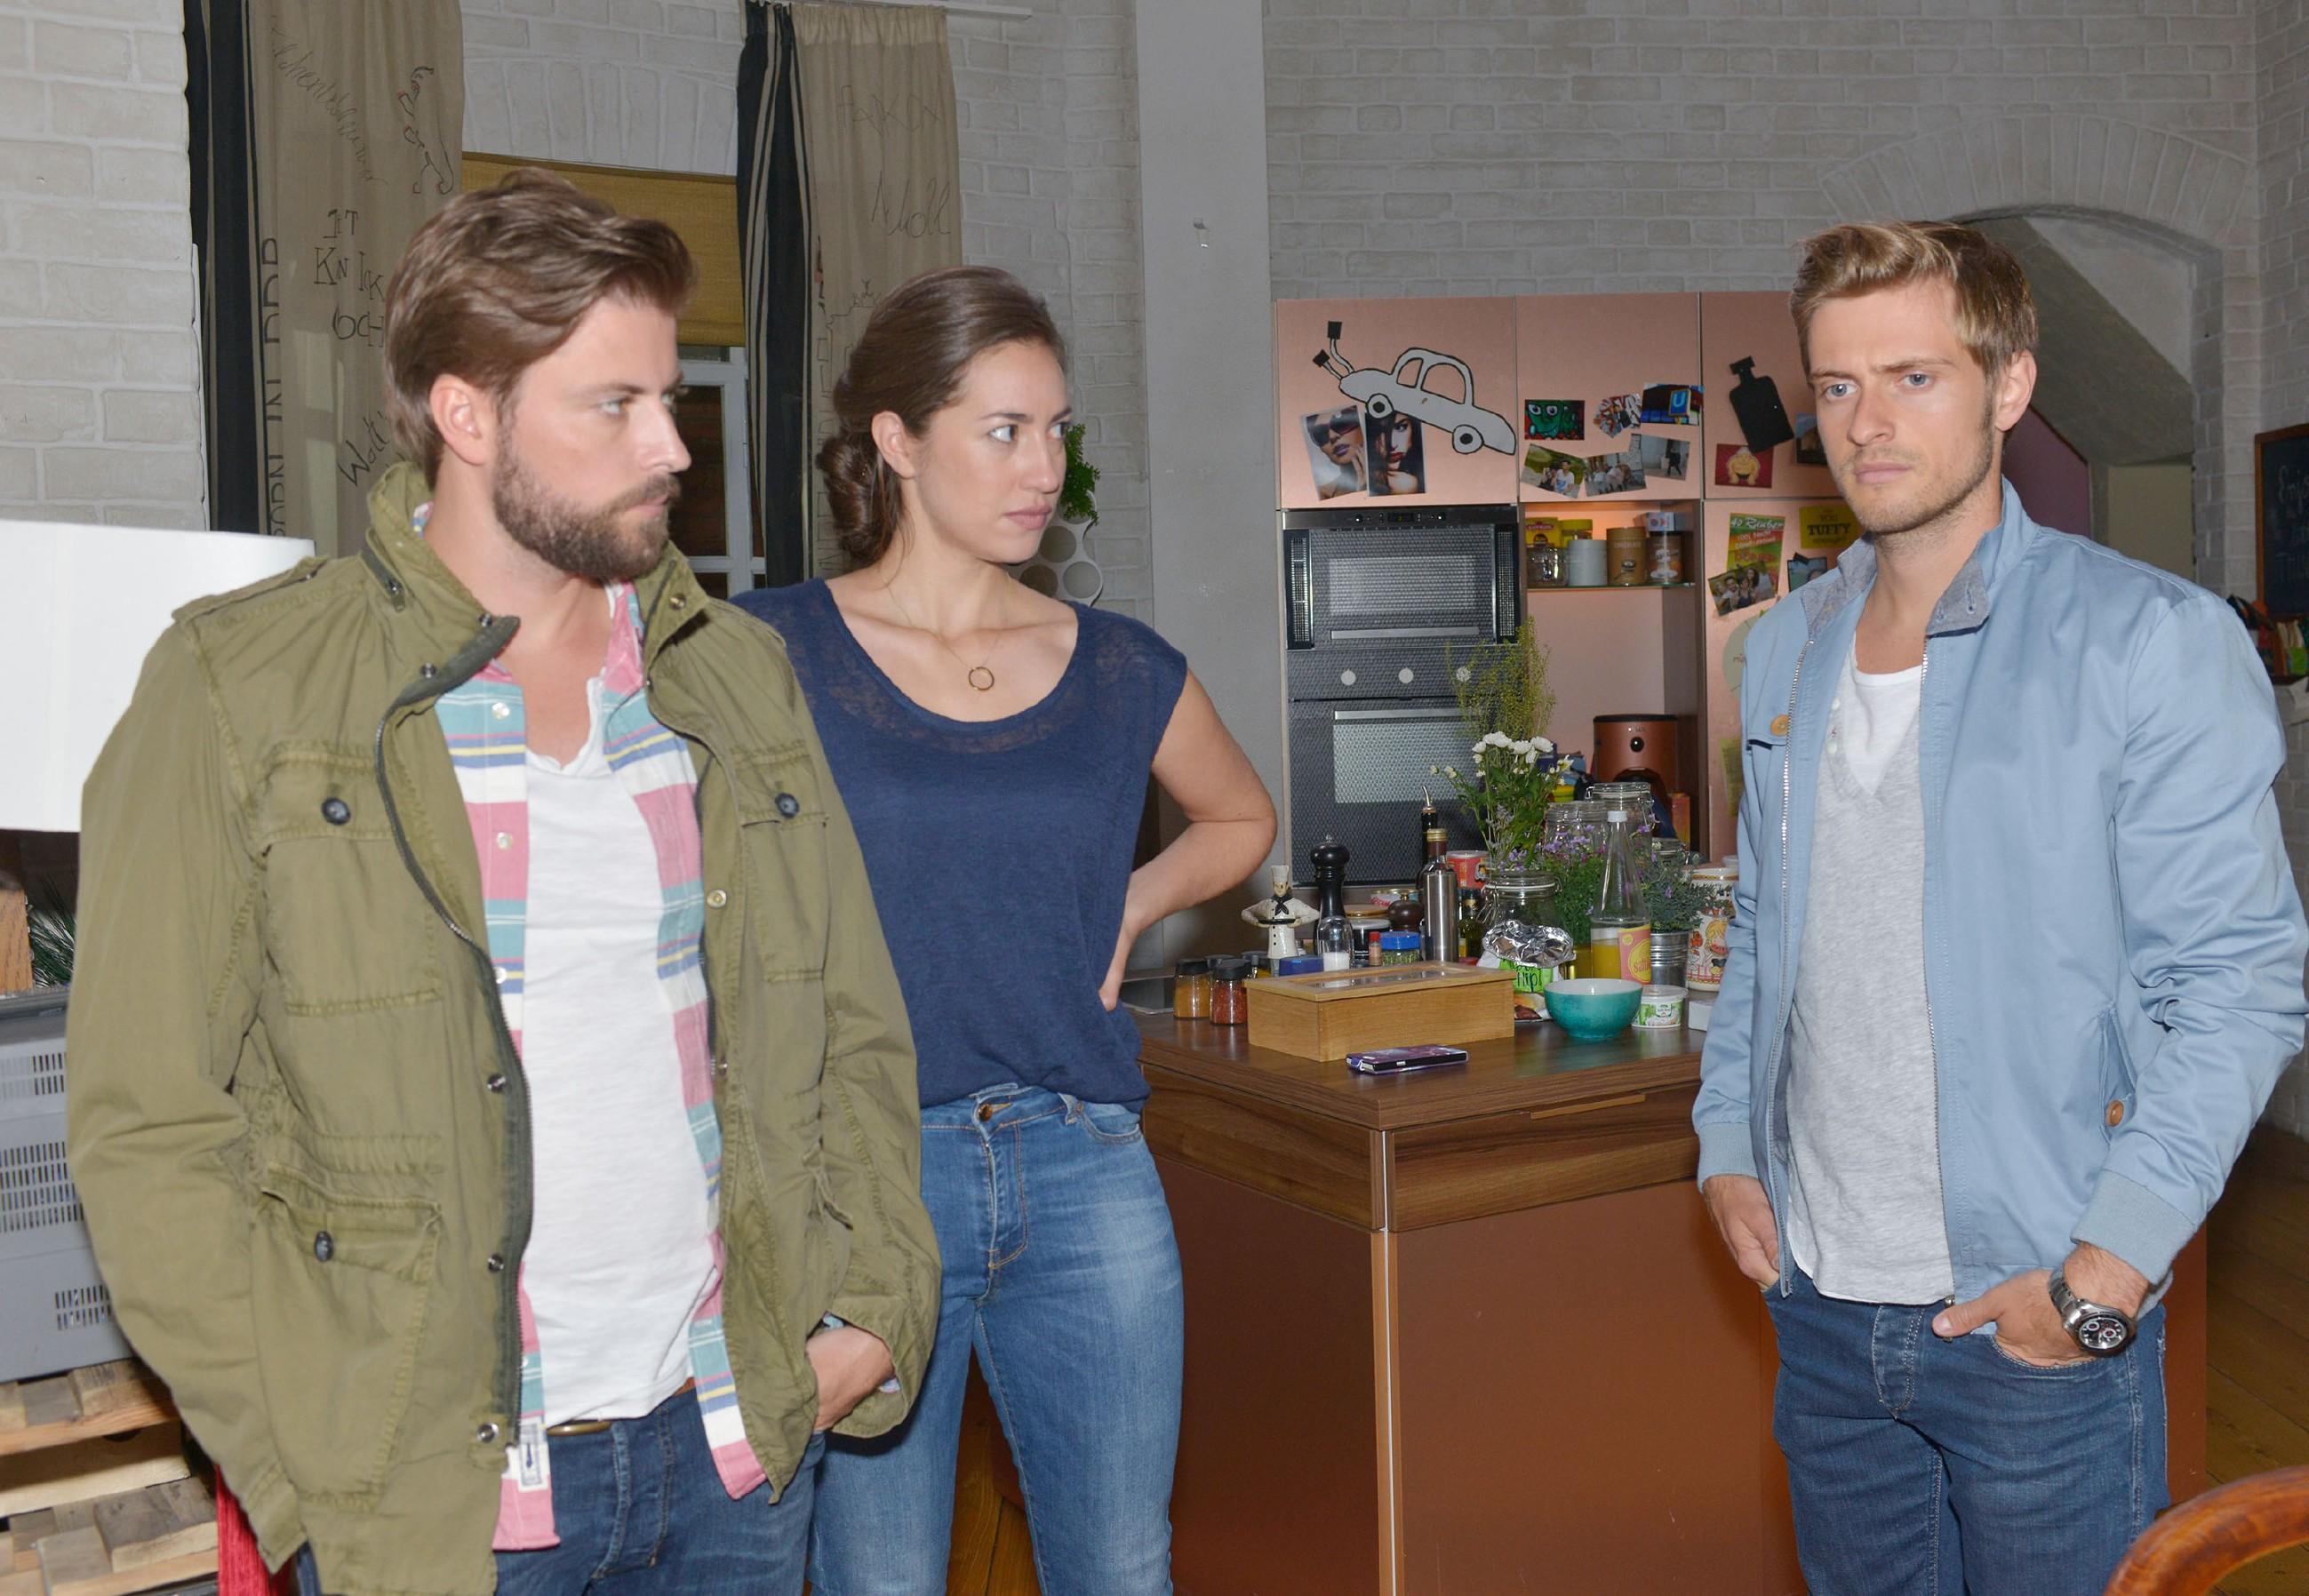 John (Felix von Jascheroff, l.) wird misstrauisch, als Philip (Jörn Schlönvoigt) auftaucht und von Elena (Elena Garcia Gerlach) harsch angegangen wird. (Quelle: RTL / Rolf Baumgartner)